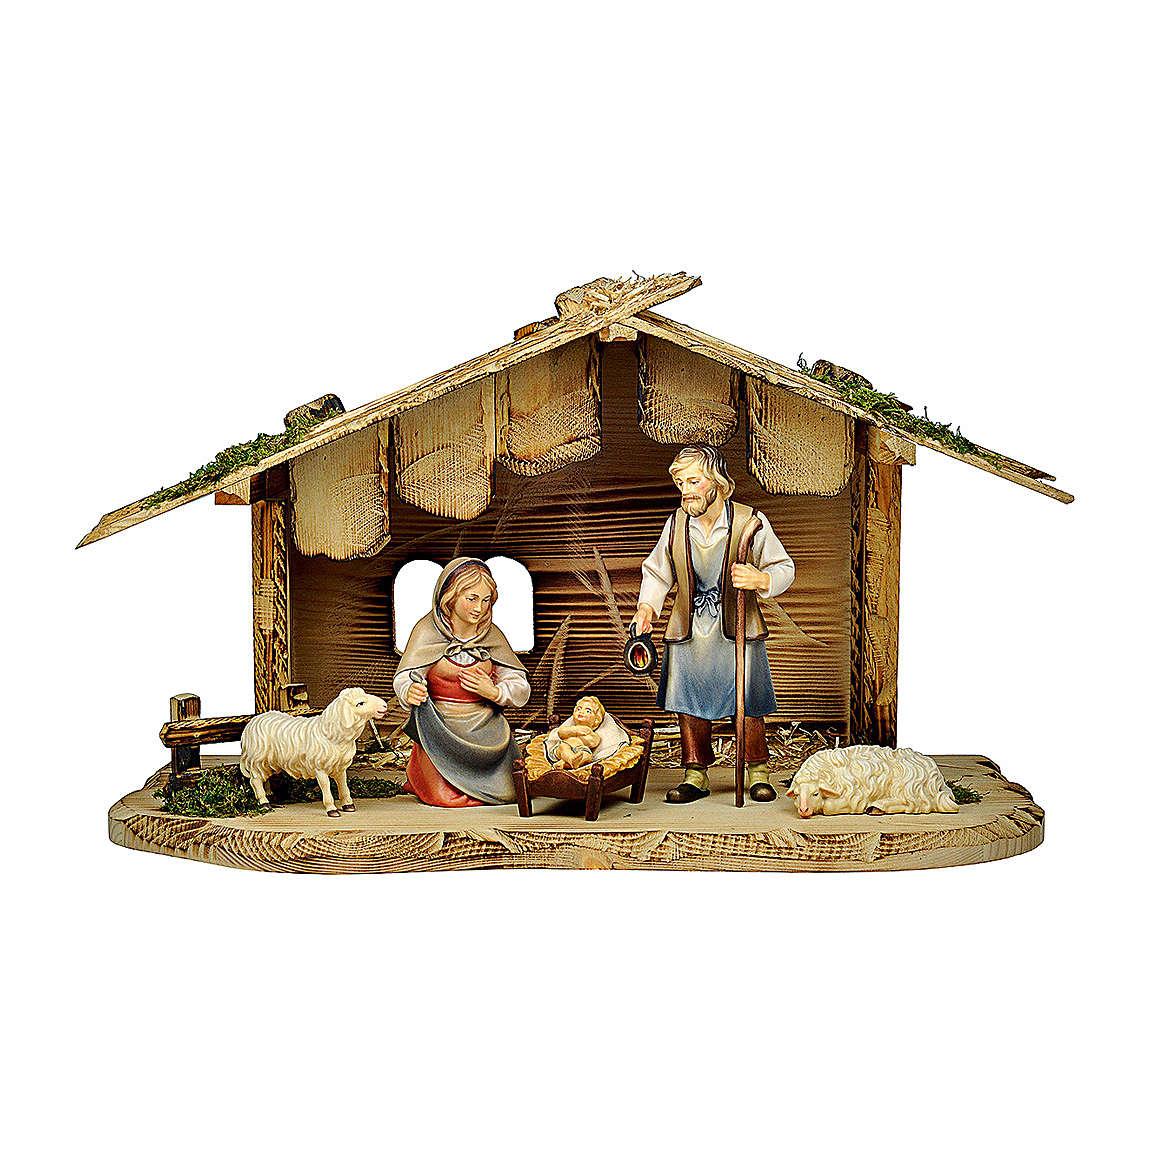 Natività con pecore casetta presepe Original Pastore legno dipinto Val Gardena 12 cm - 5 pz 4